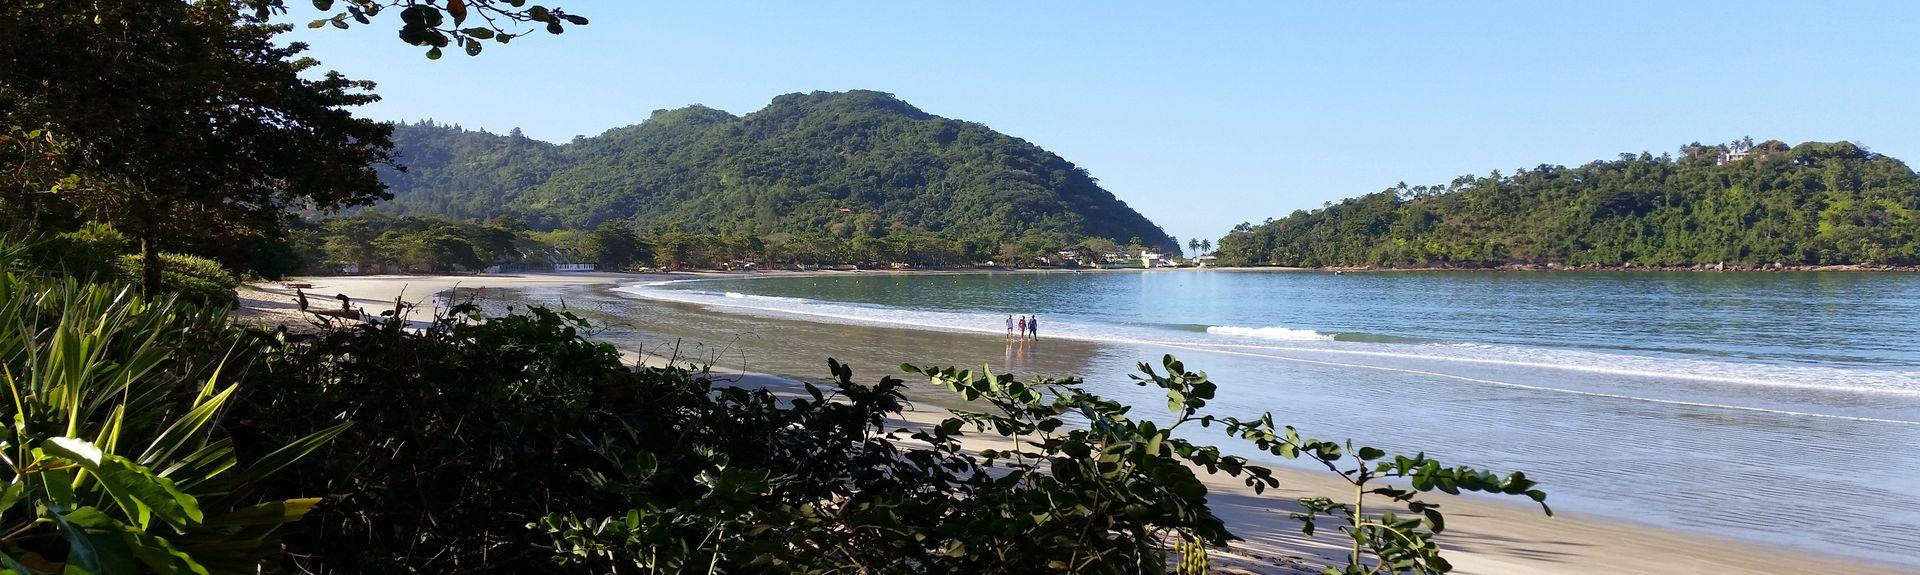 Praia do Lázaro, Ubatuba - SP, Brazil